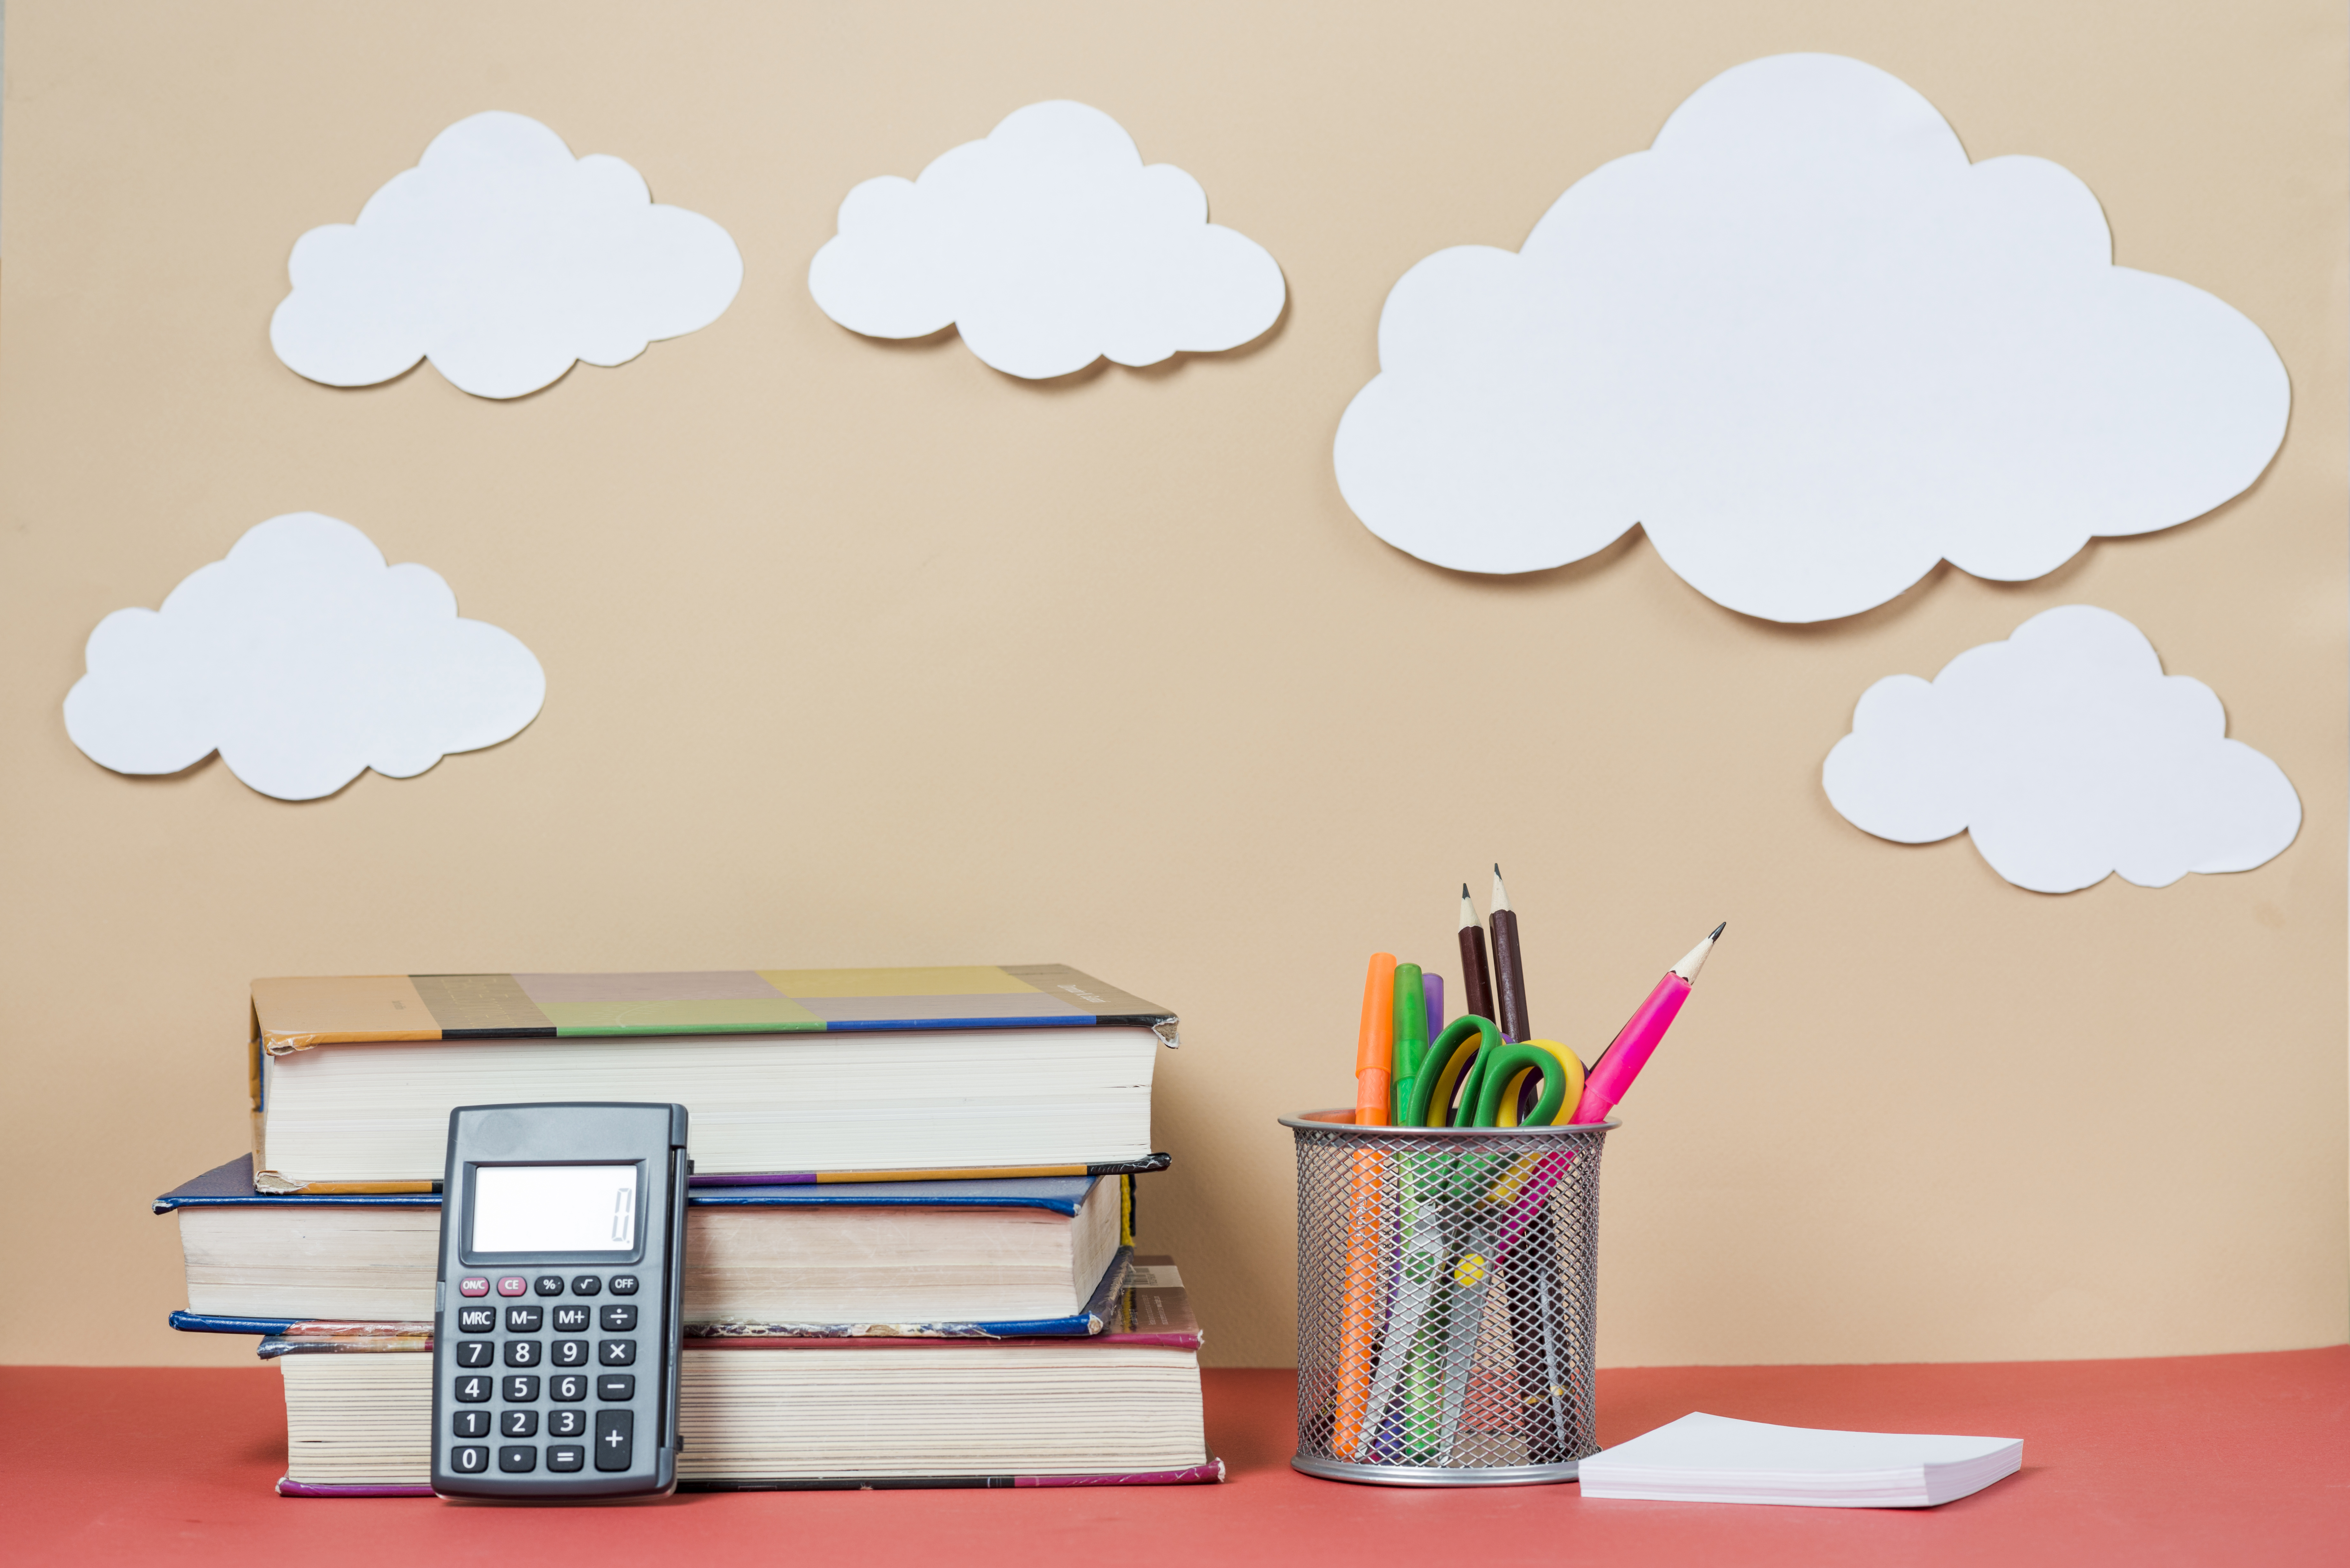 Libros y material de estudio sobre un fondo con nubes